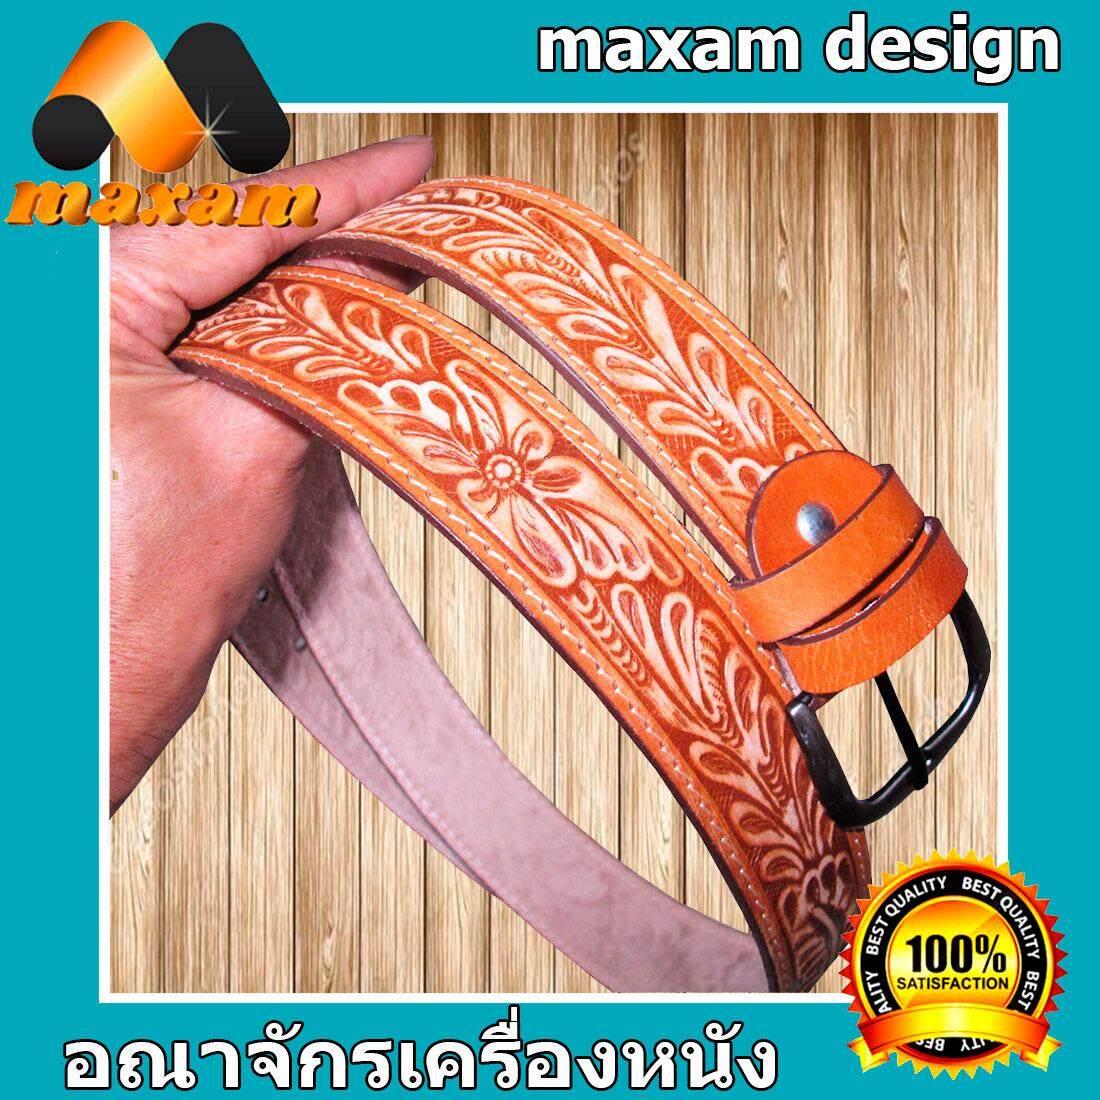 maxam design    **Belt-Buckle** Floral Long CowHide Belt - Buckle เข็มขัดหนังวัวอย่างแท้ๆ 100 %พร้อมสายเข็มขัดมีลายในตัวสวยมากมาก หัวเข็มขัดเป็นนิกเกิล.     maxam design